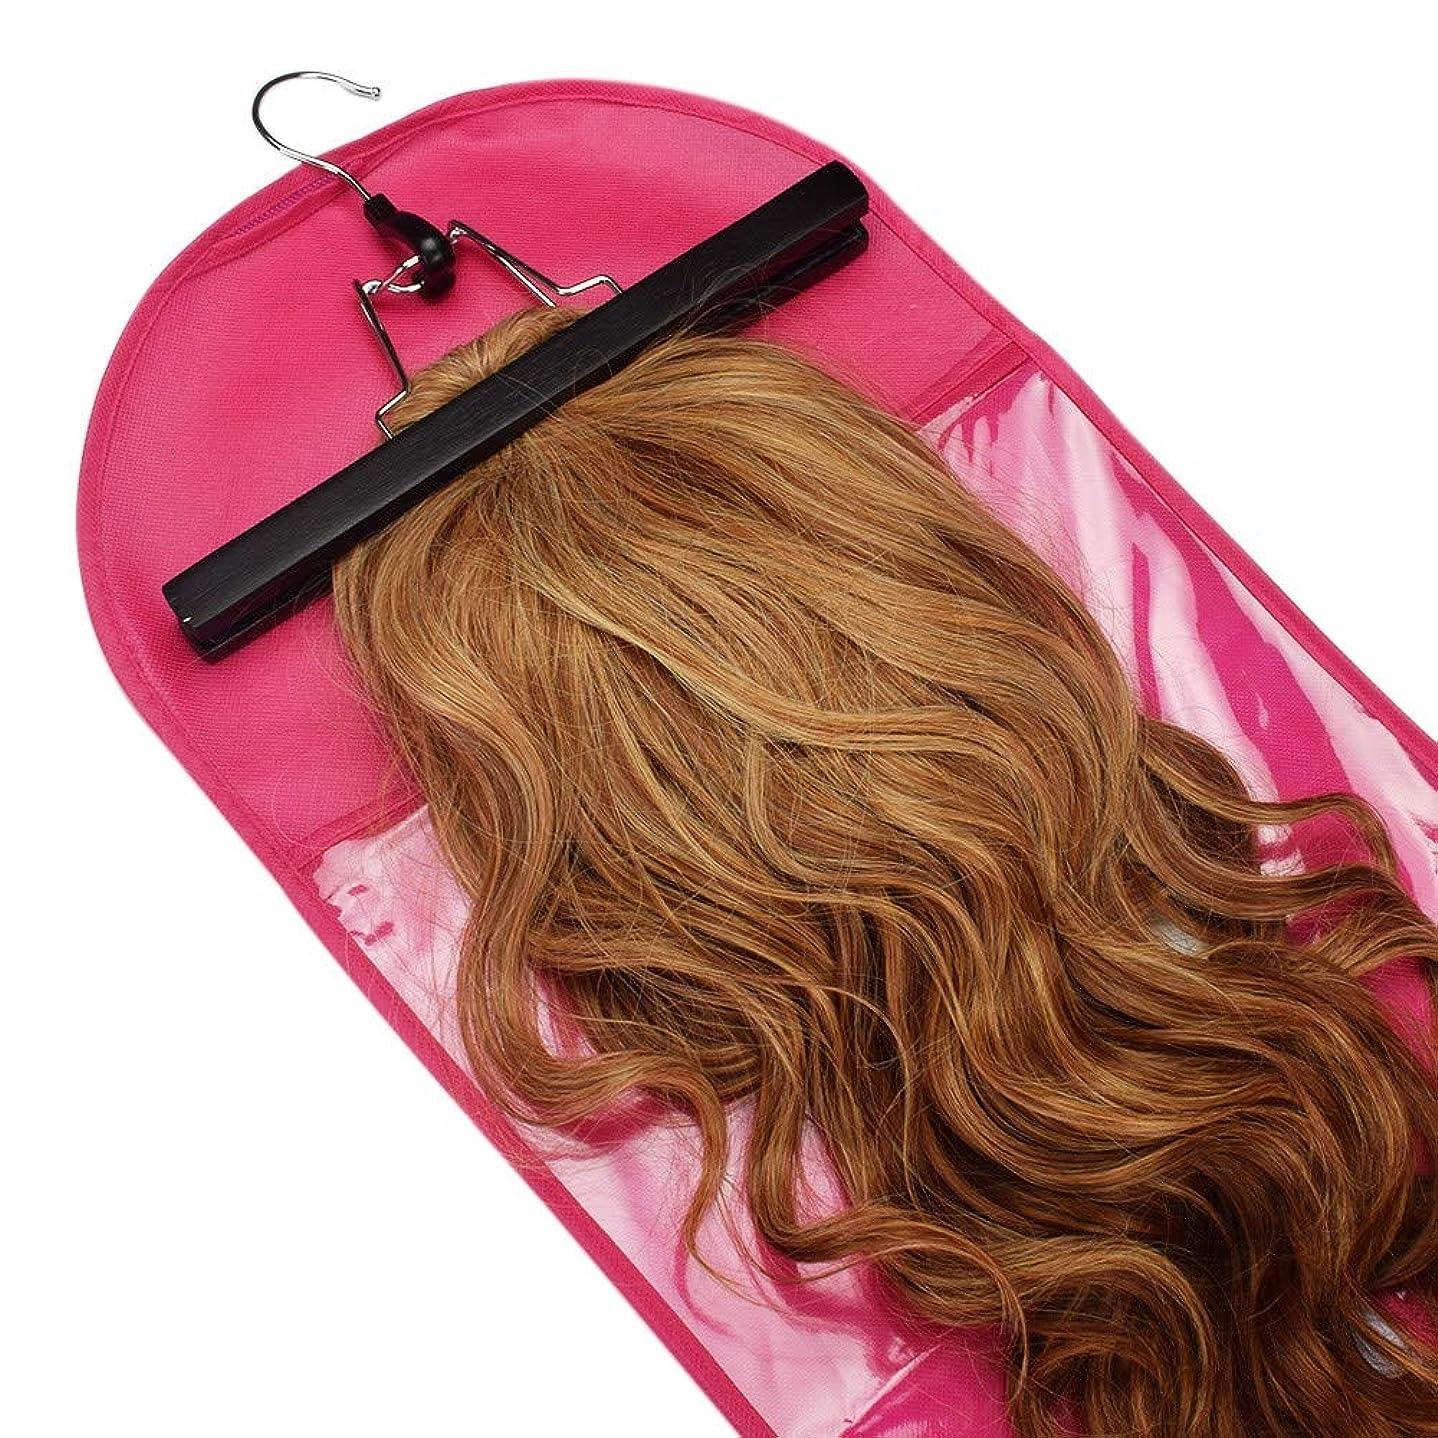 平野挨拶人種美しさ 3個のヘアエクステンションかつら収納袋ハンガー防塵保護収納ホルダー ヘア&シェービング (色 : ピンク)